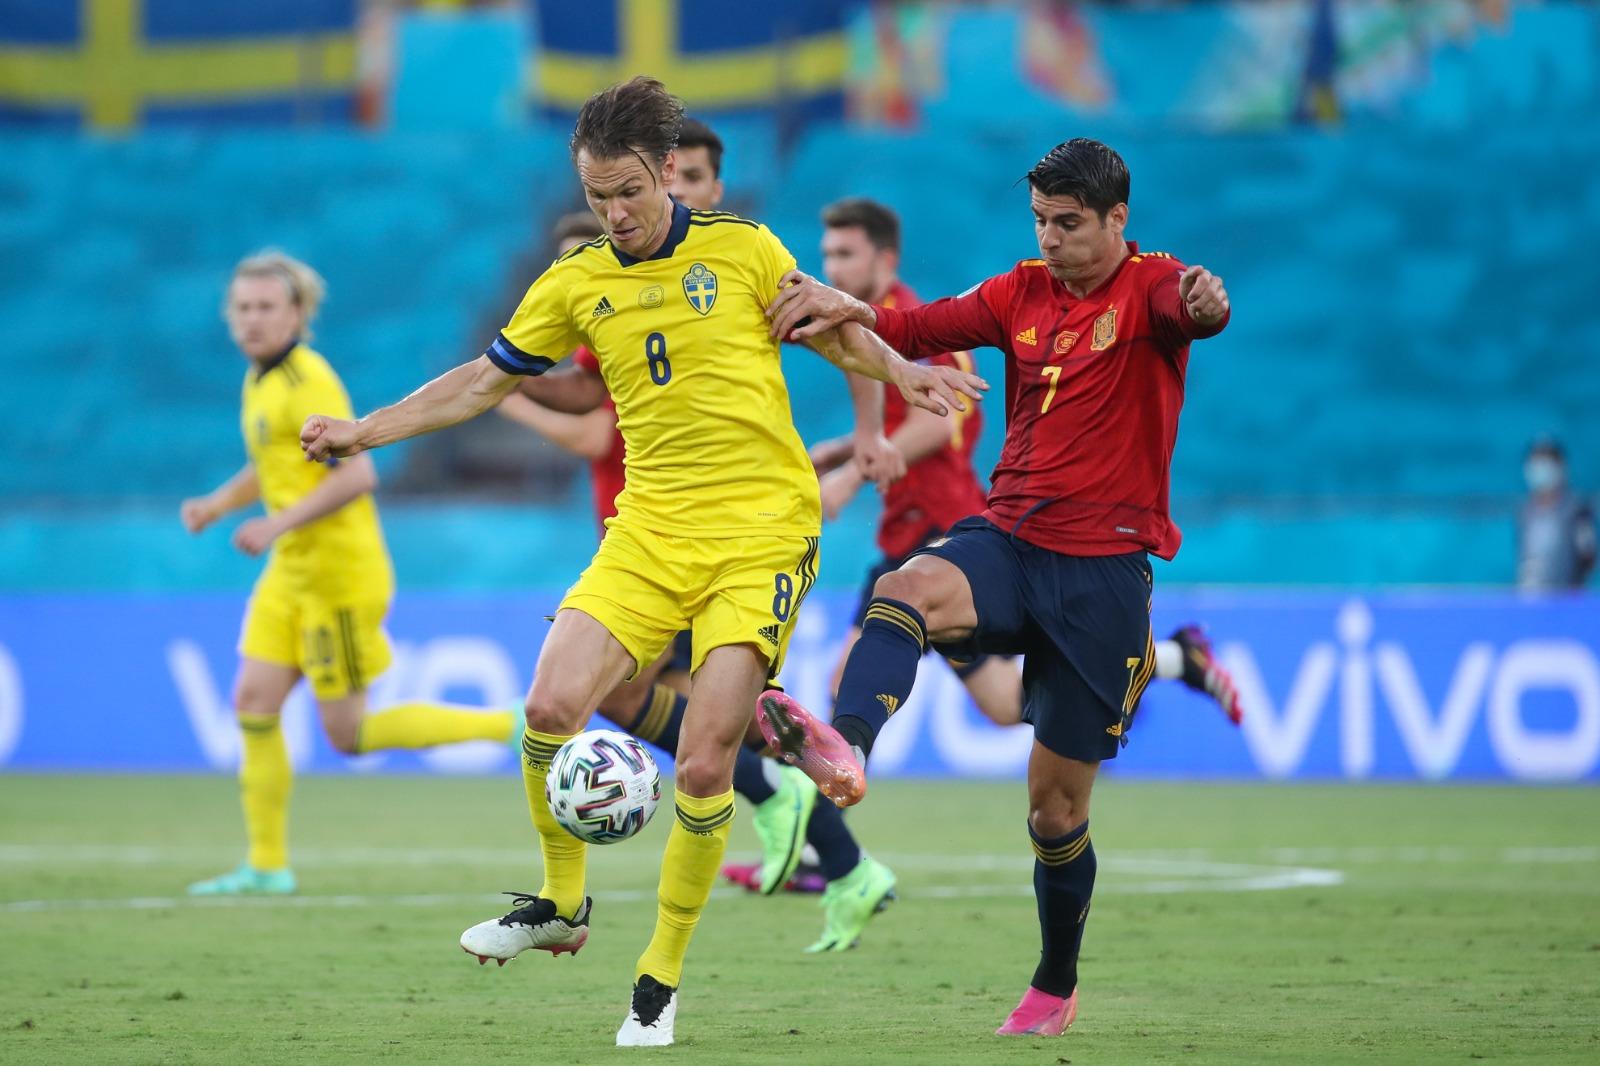 Первые нули: Сборные Испании и Швеции сыграли вничью на Евро-2020